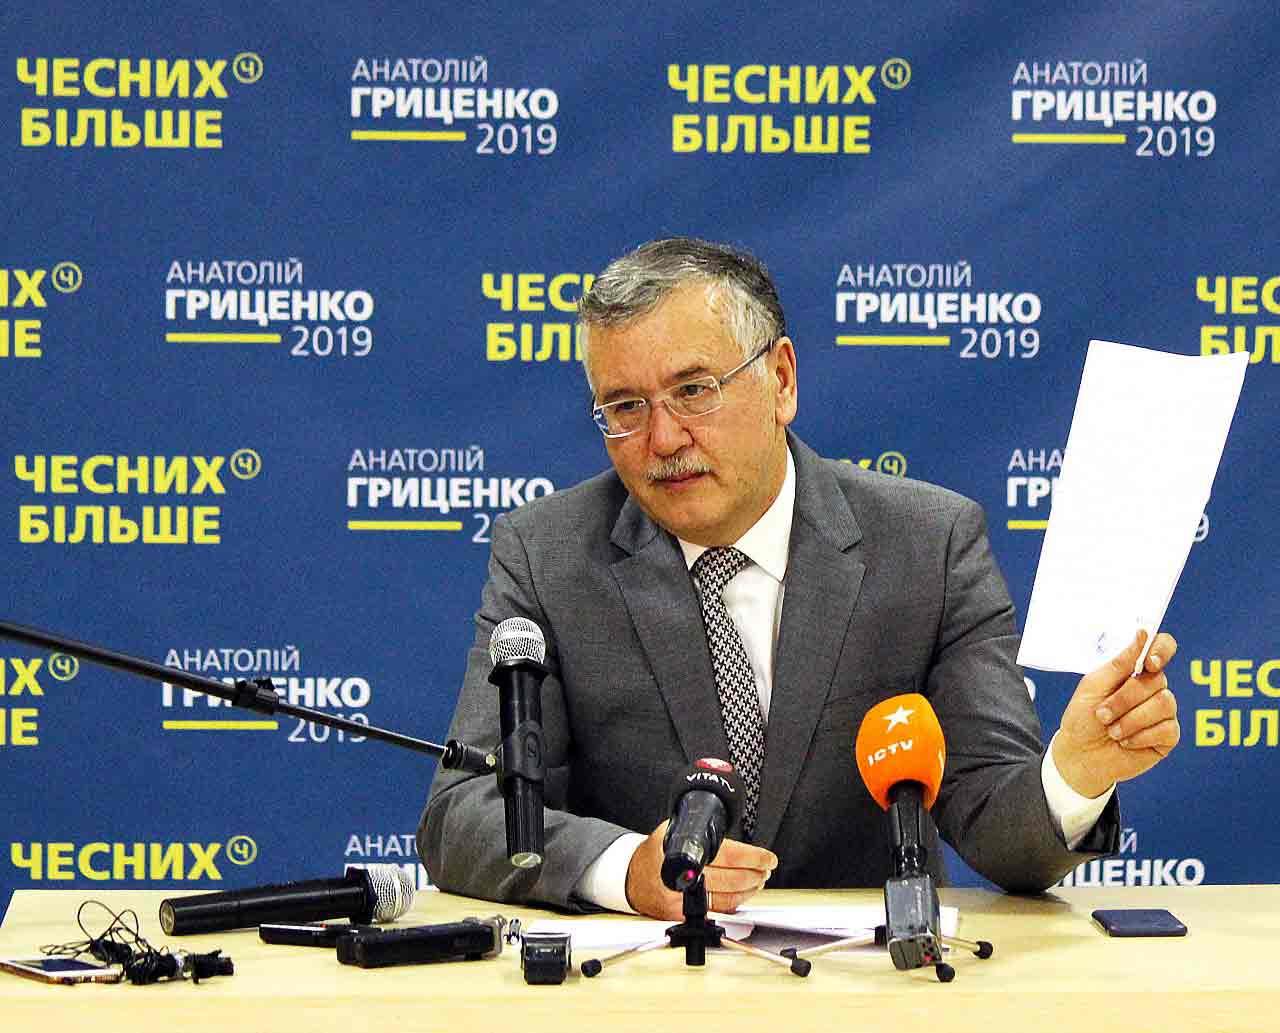 Я не буду триматись за крісло: Вінницю відвідав кандидат у президенти Анатолій Грищенко